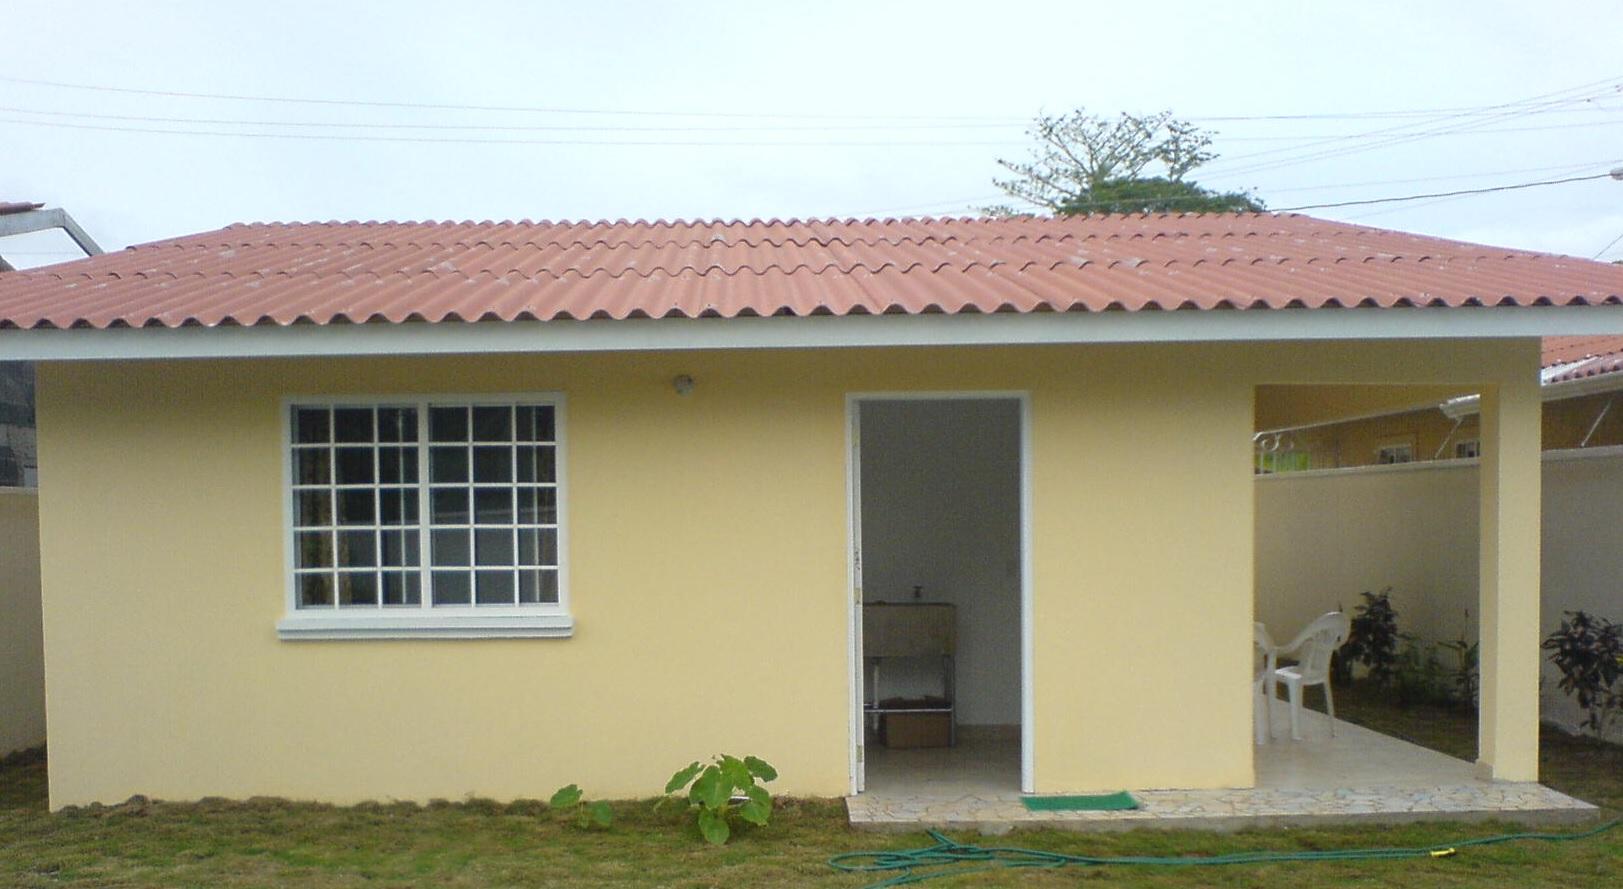 Comprar tu casa con 0% prima en Managua